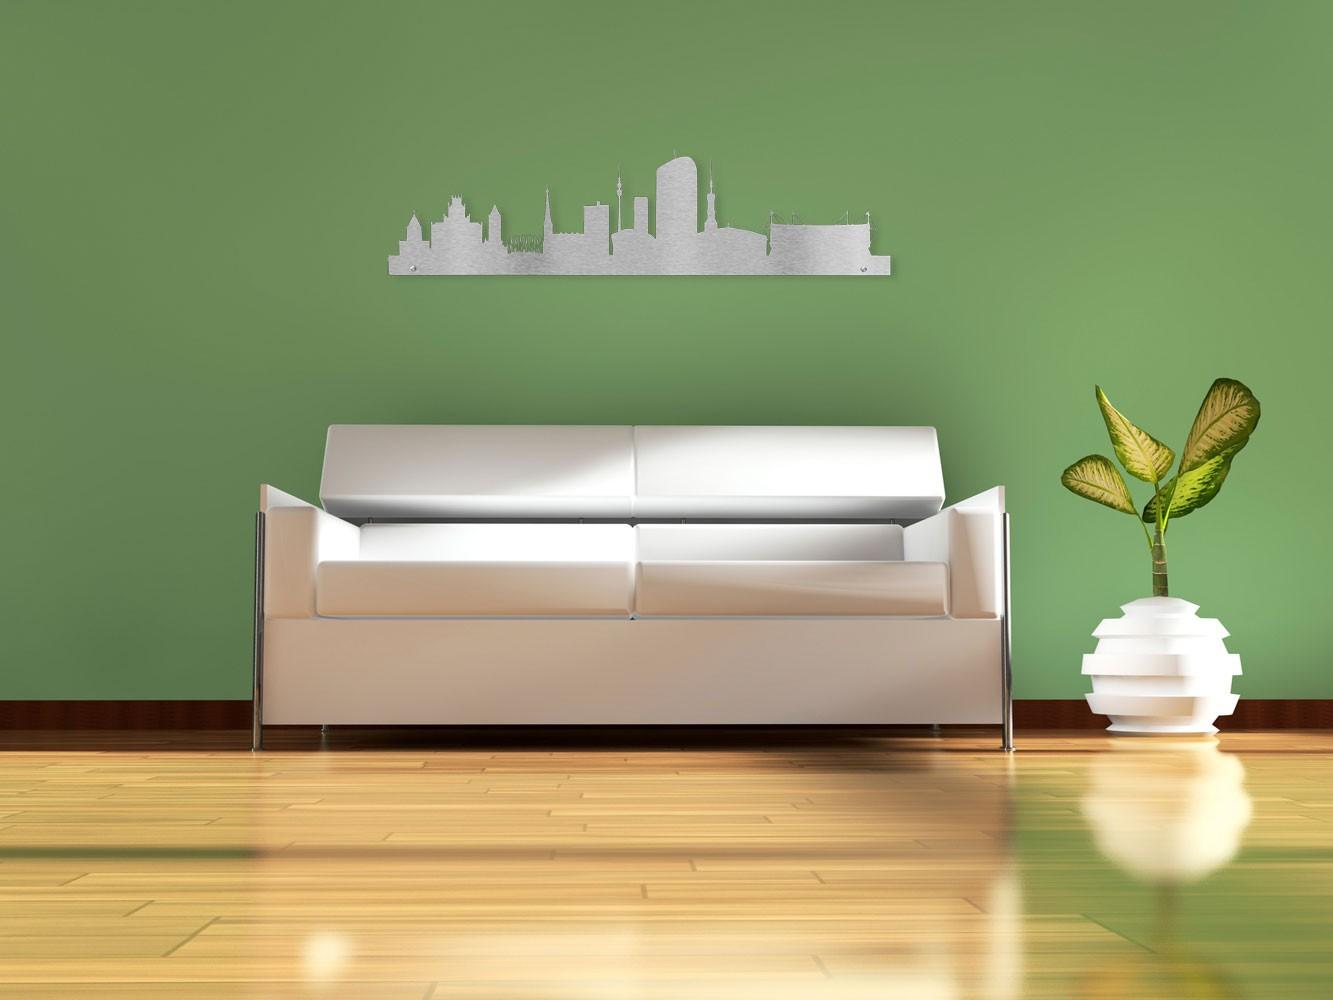 Edelstahl design wandtattoo skyline dortmund jetzt online bestellen - Wandtattoo dortmund ...